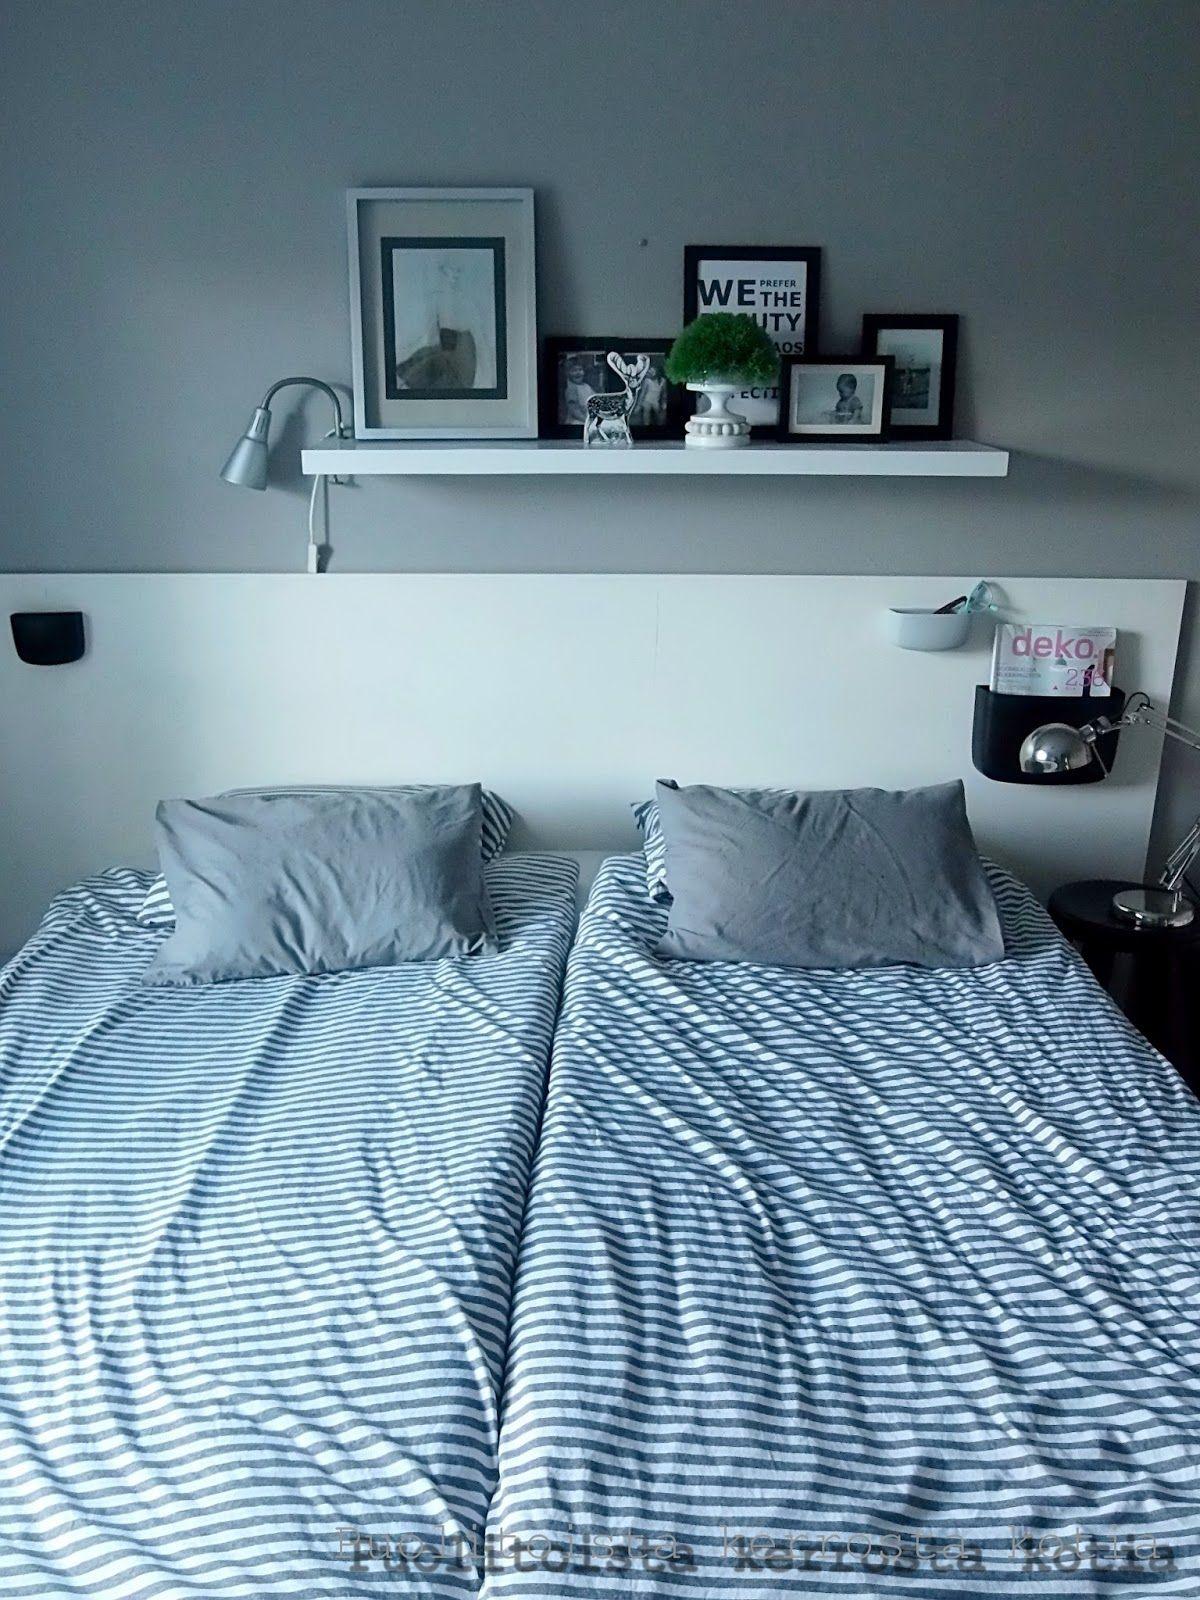 Puolitoista kerrosta kotia: DIY Sängynpääty